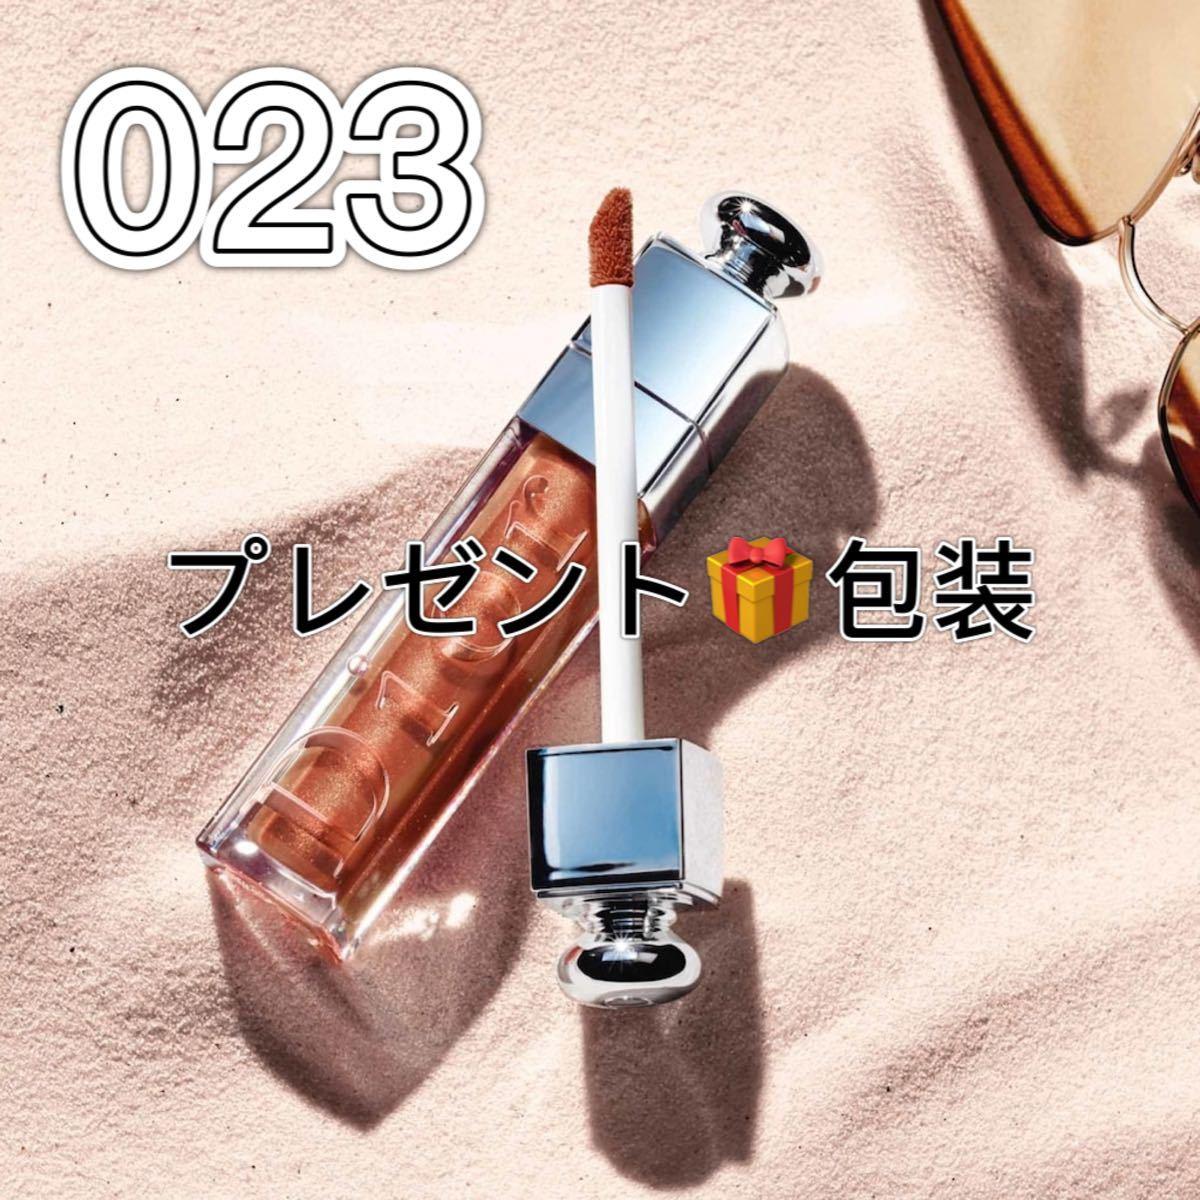 ディオール アディクト リップ マキシマイザー 023 シマー ブロンズ 限定色